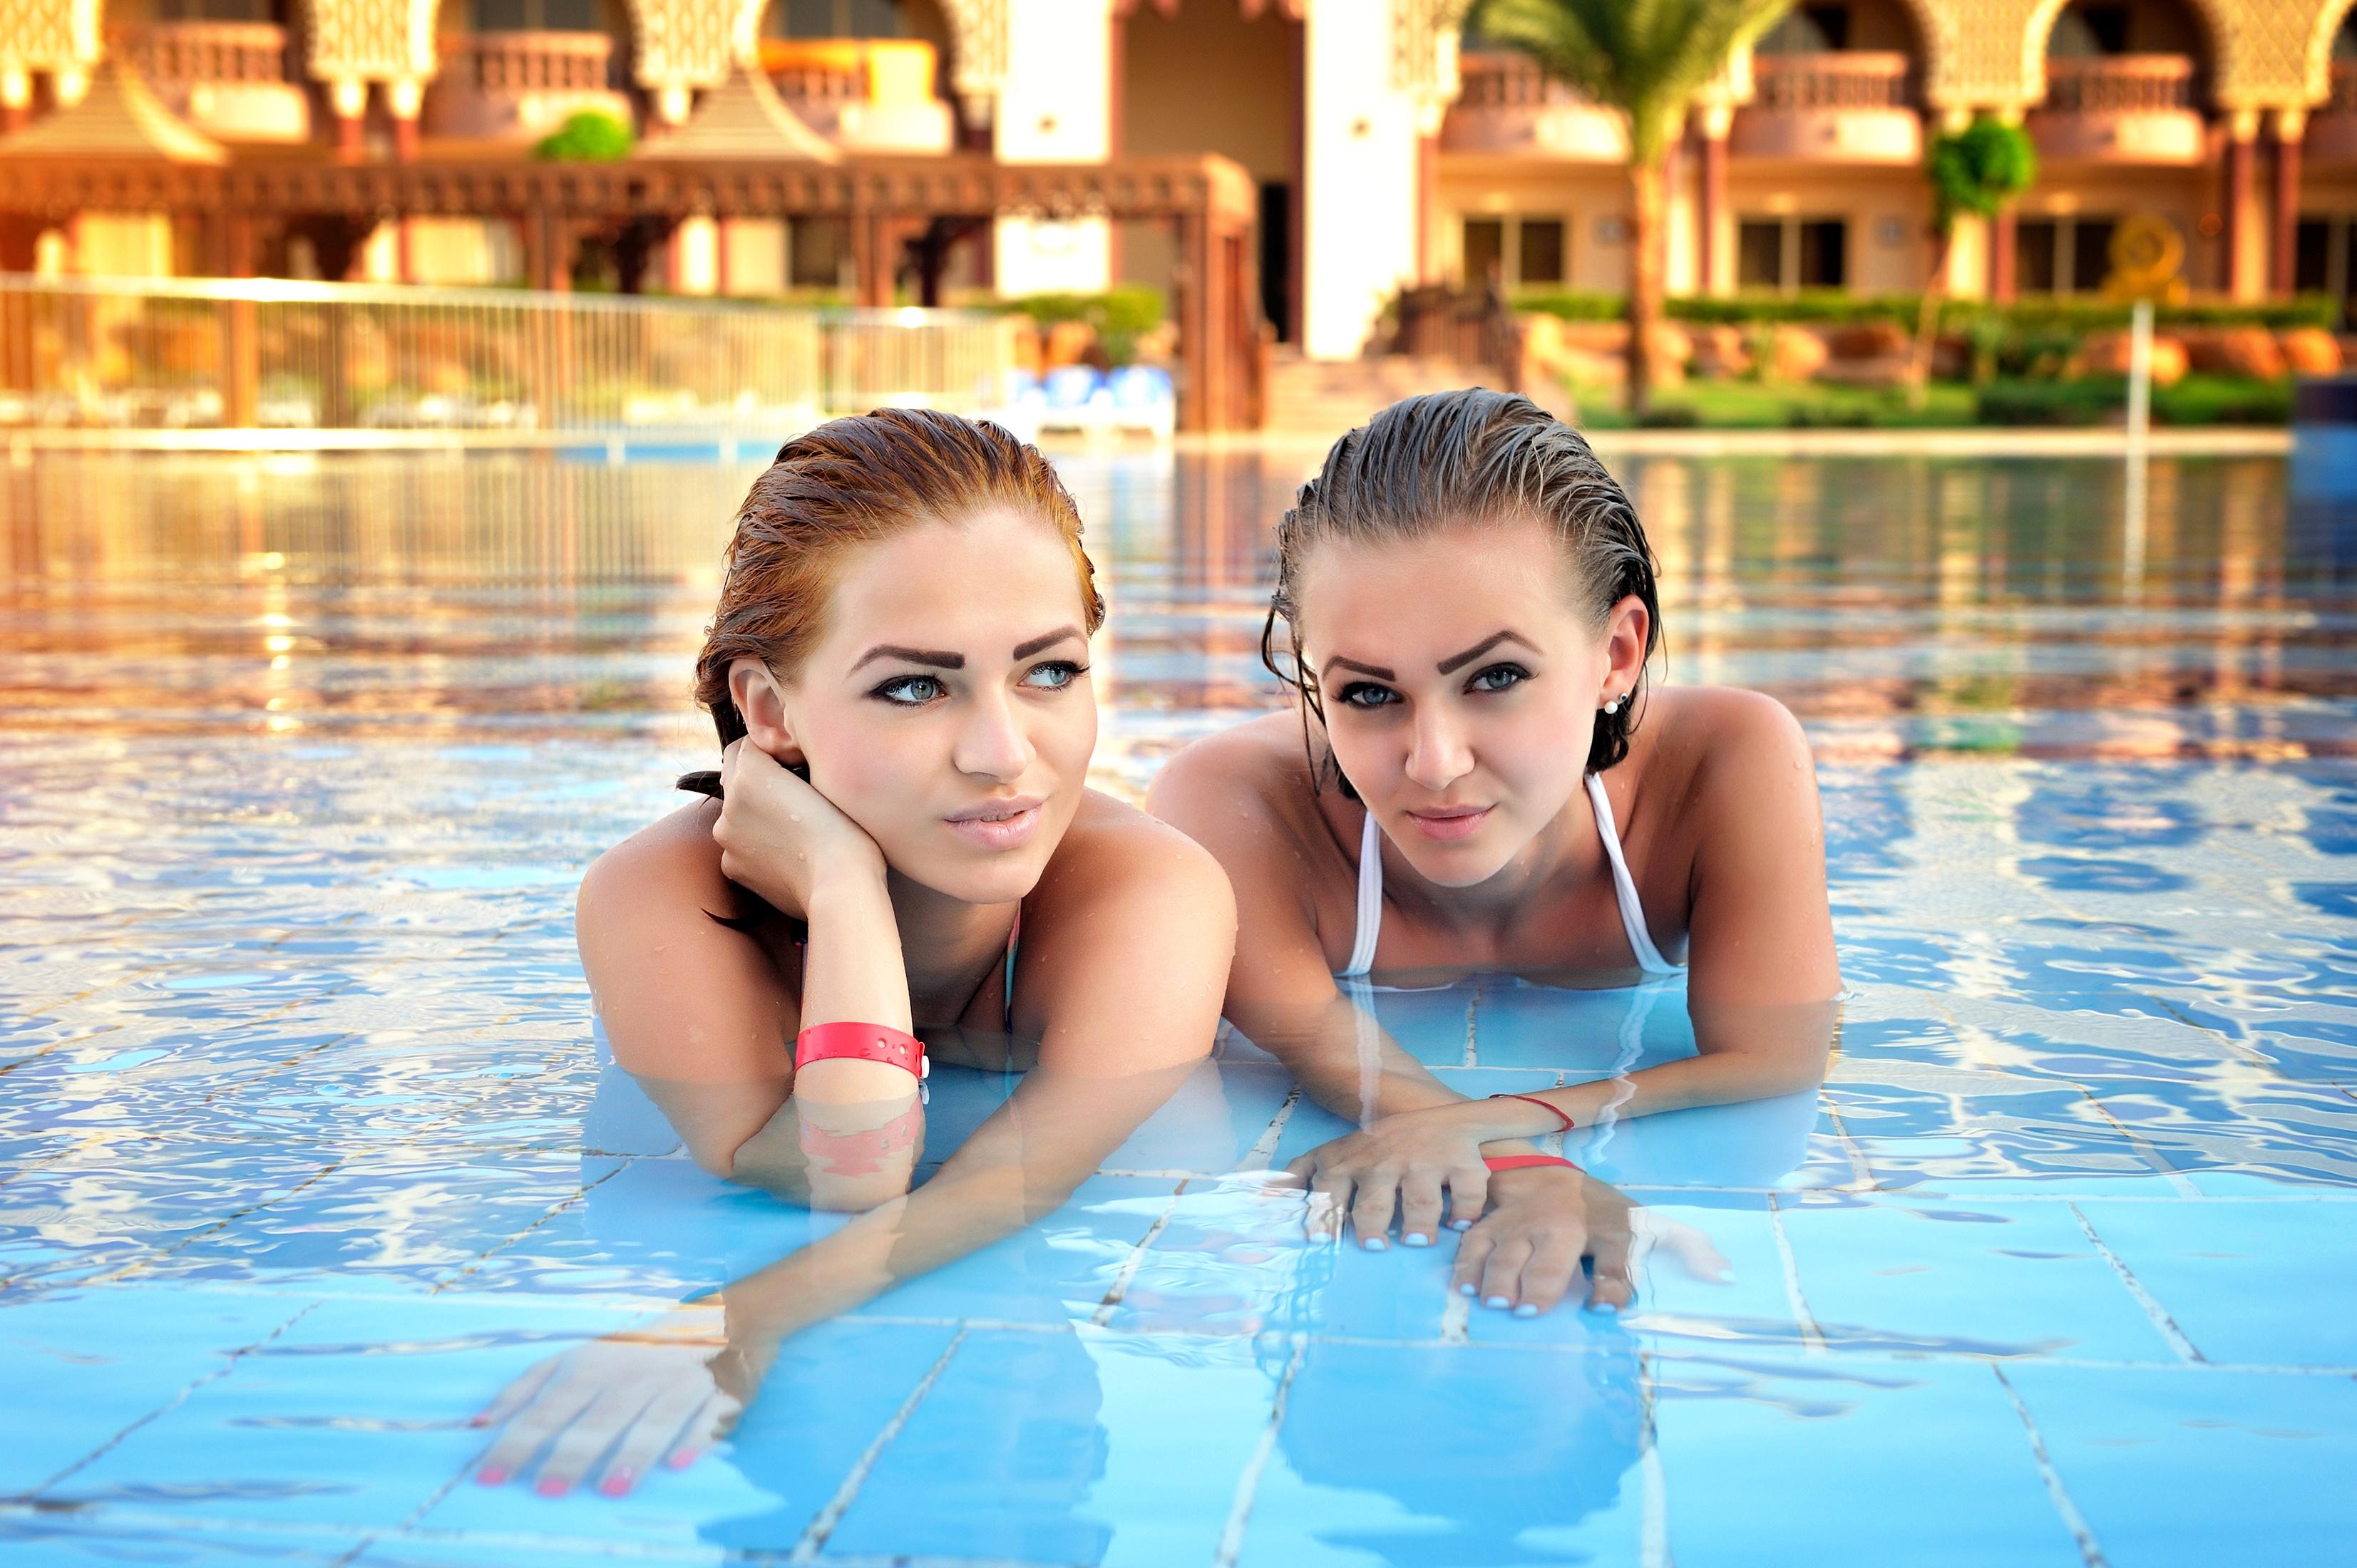 чего двое в бассейне картинки тех пор